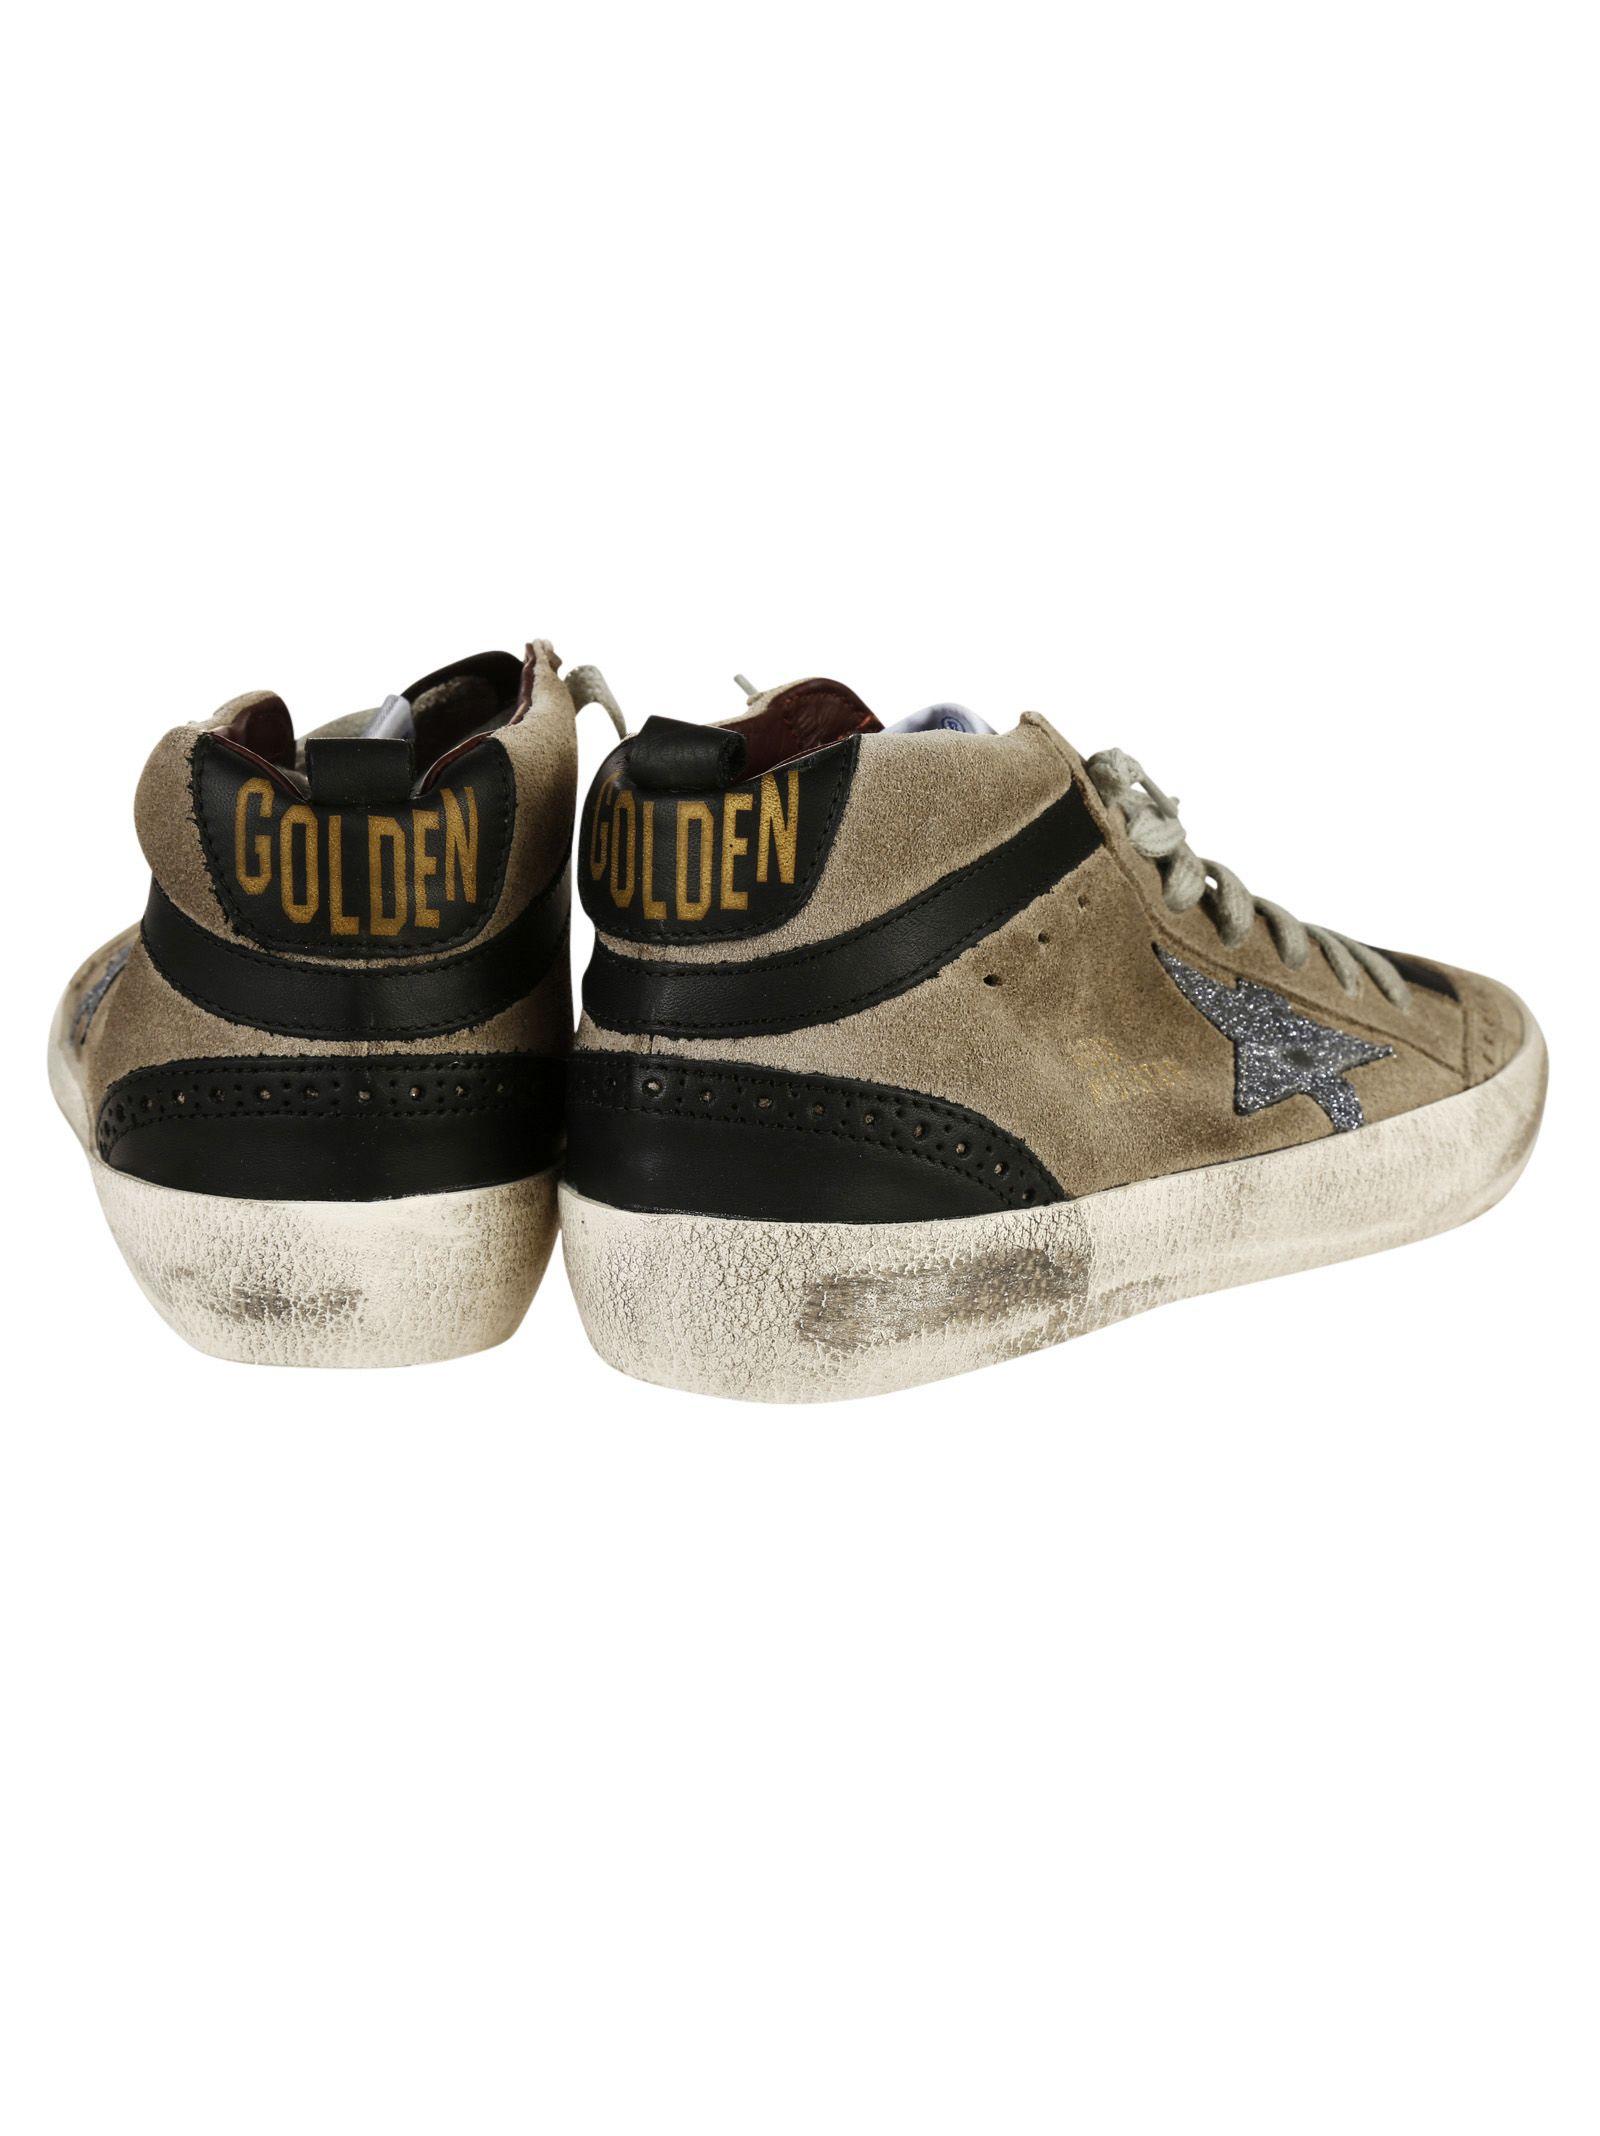 golden goose golden goose super star hi top sneakers beige women 39 s sneakers italist. Black Bedroom Furniture Sets. Home Design Ideas